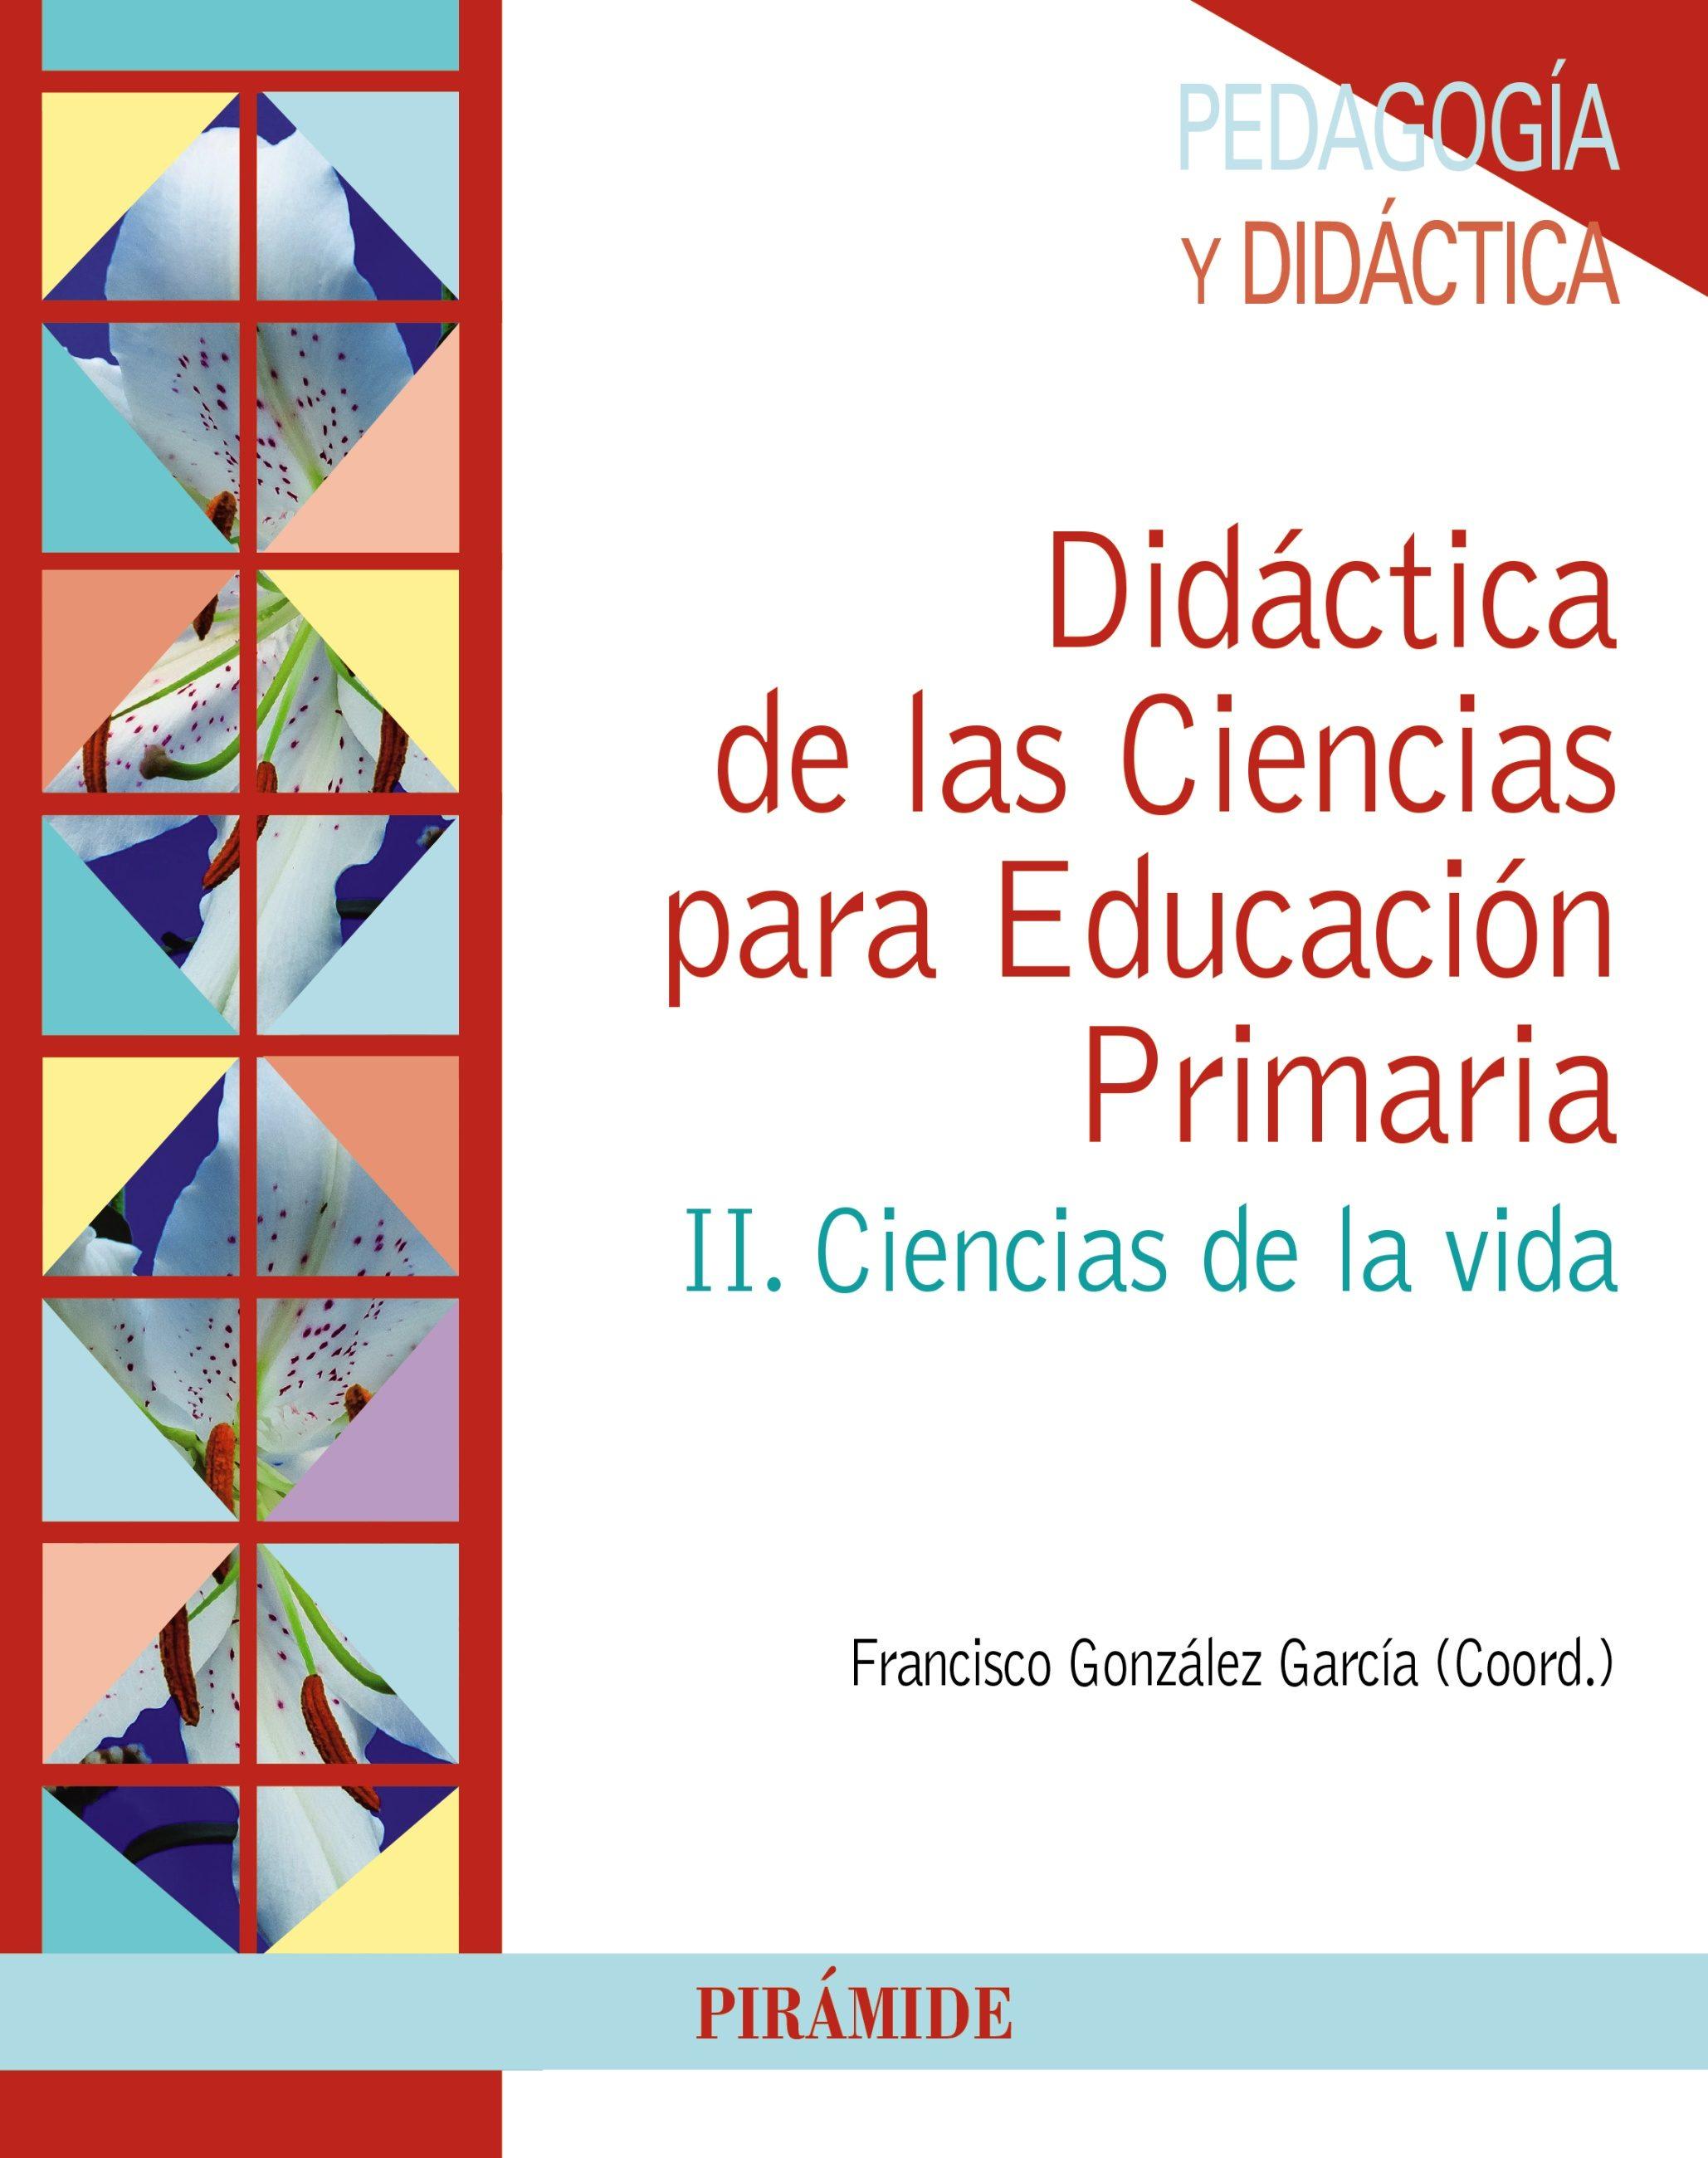 Didáctica De Las Ciencias Para Educación Primaria   por Francisco Gonzalez Garcia